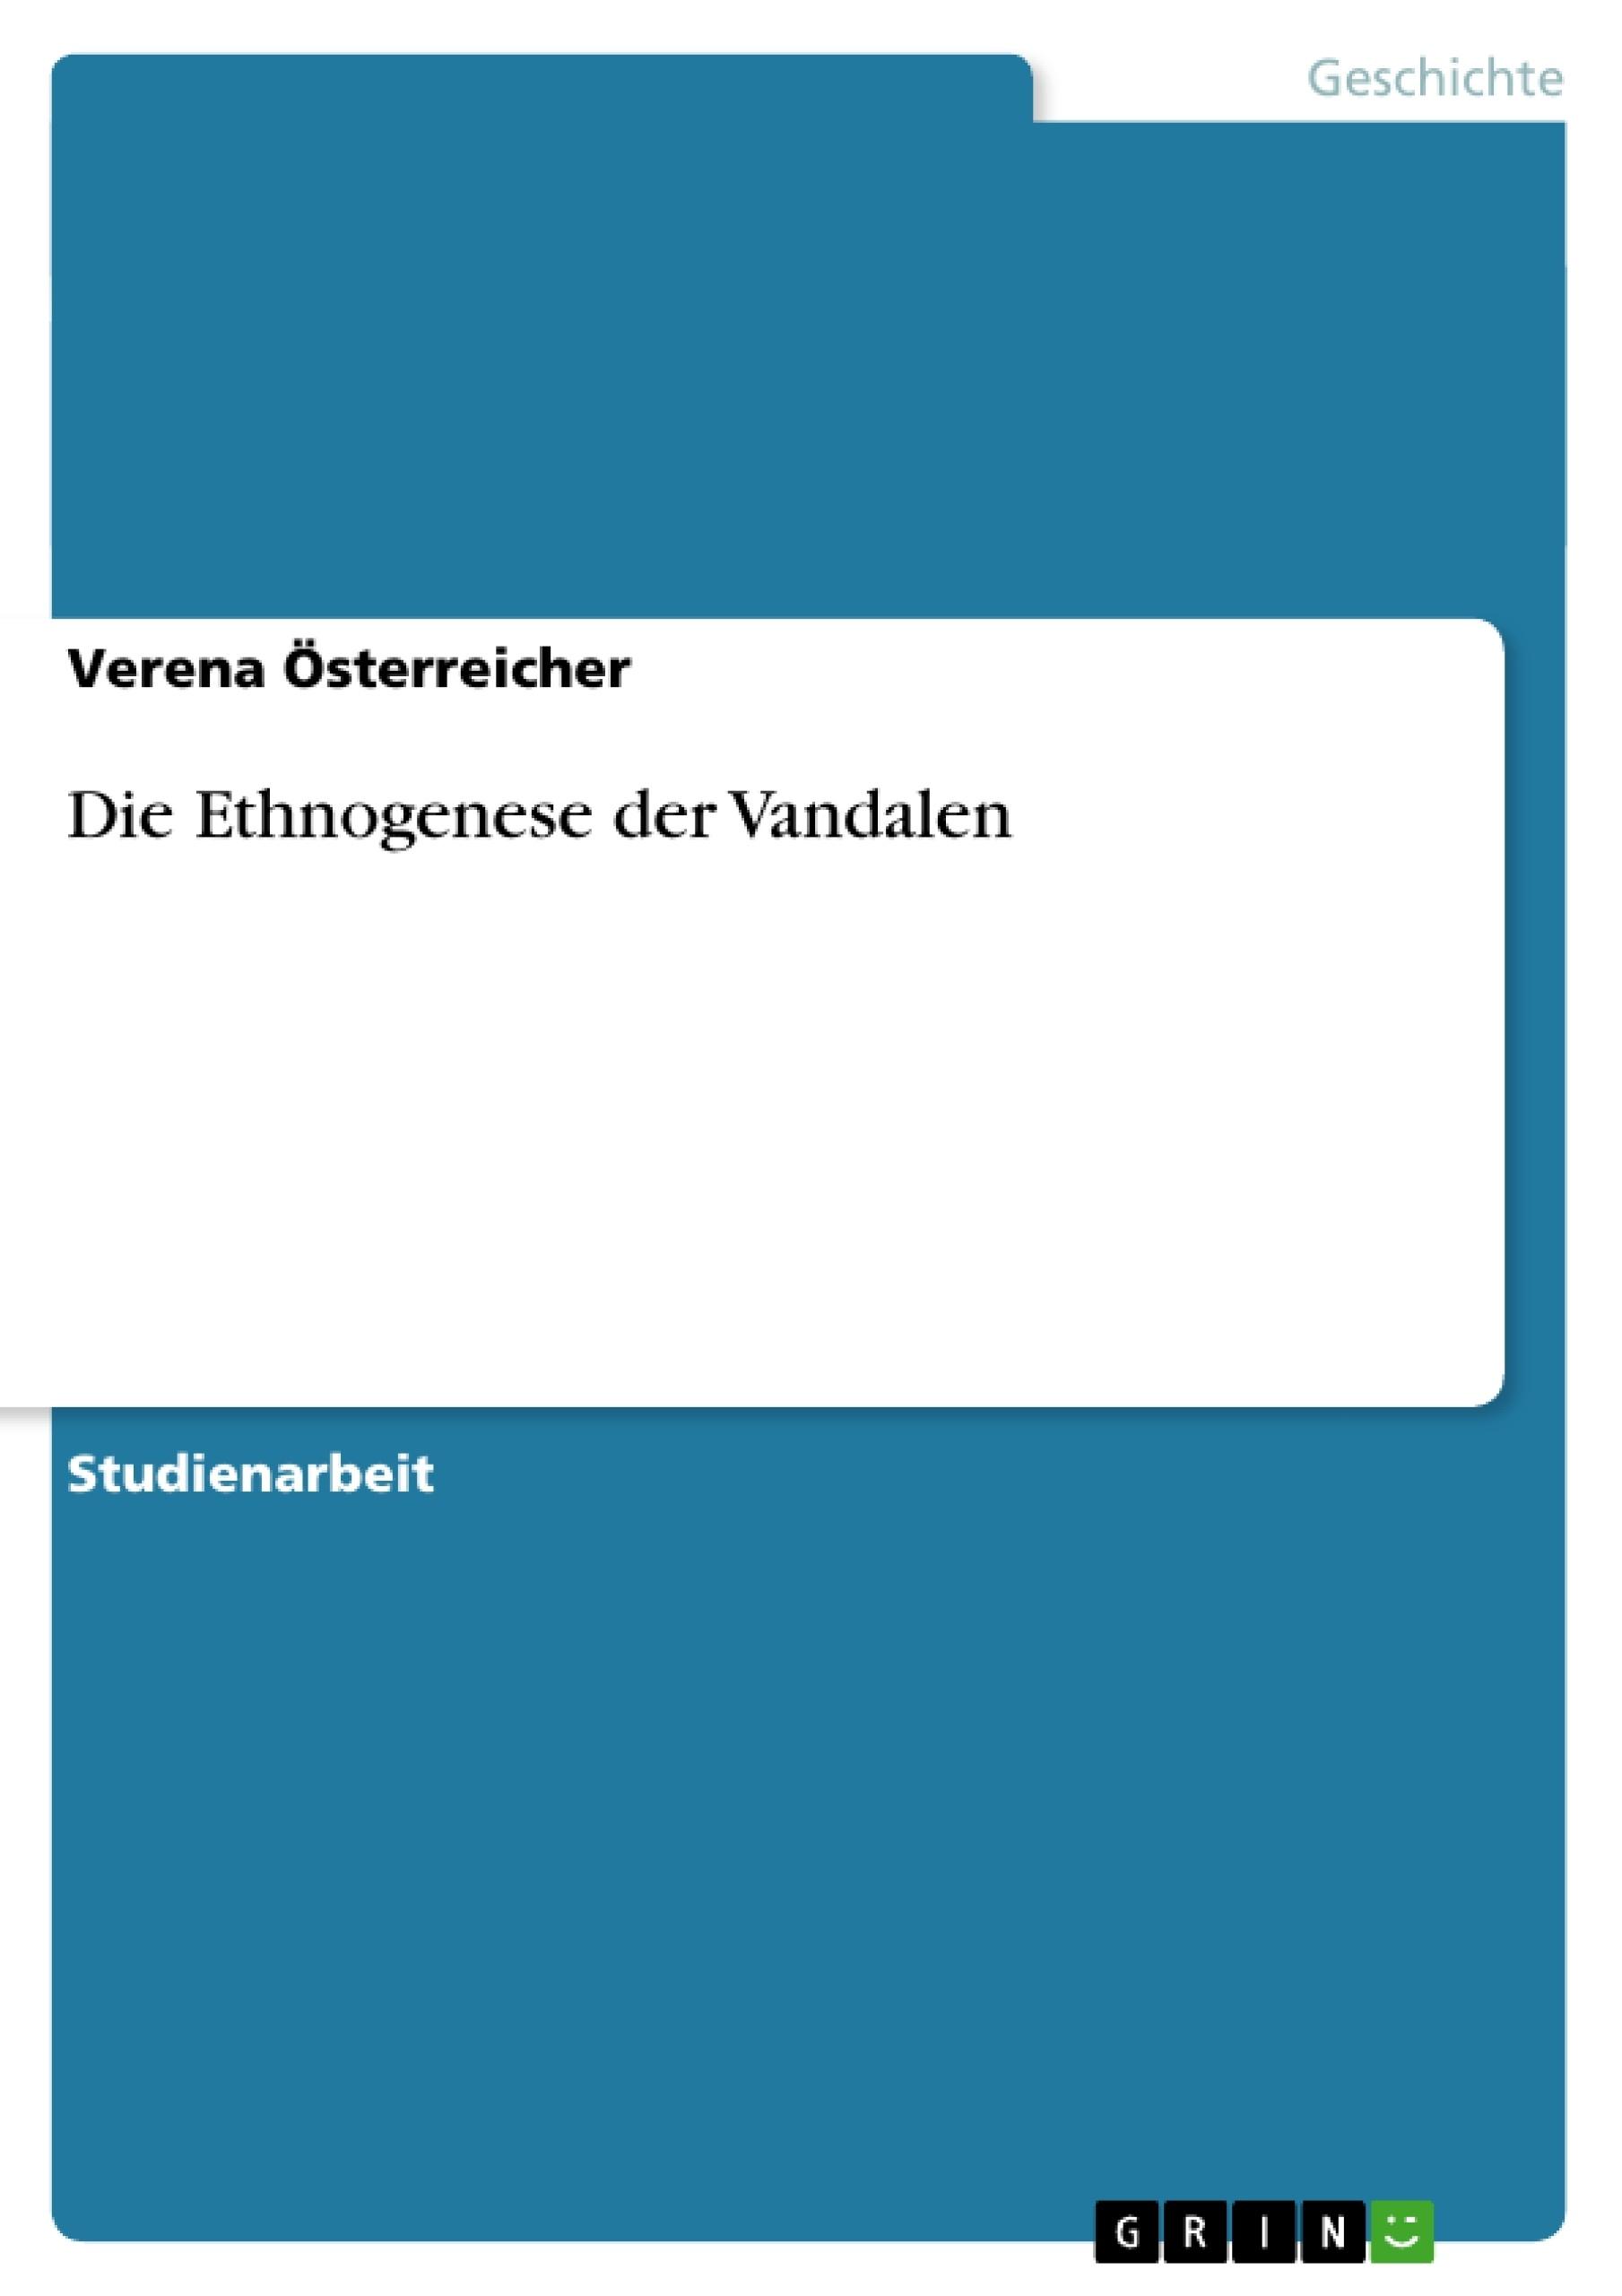 Titel: Die Ethnogenese der Vandalen